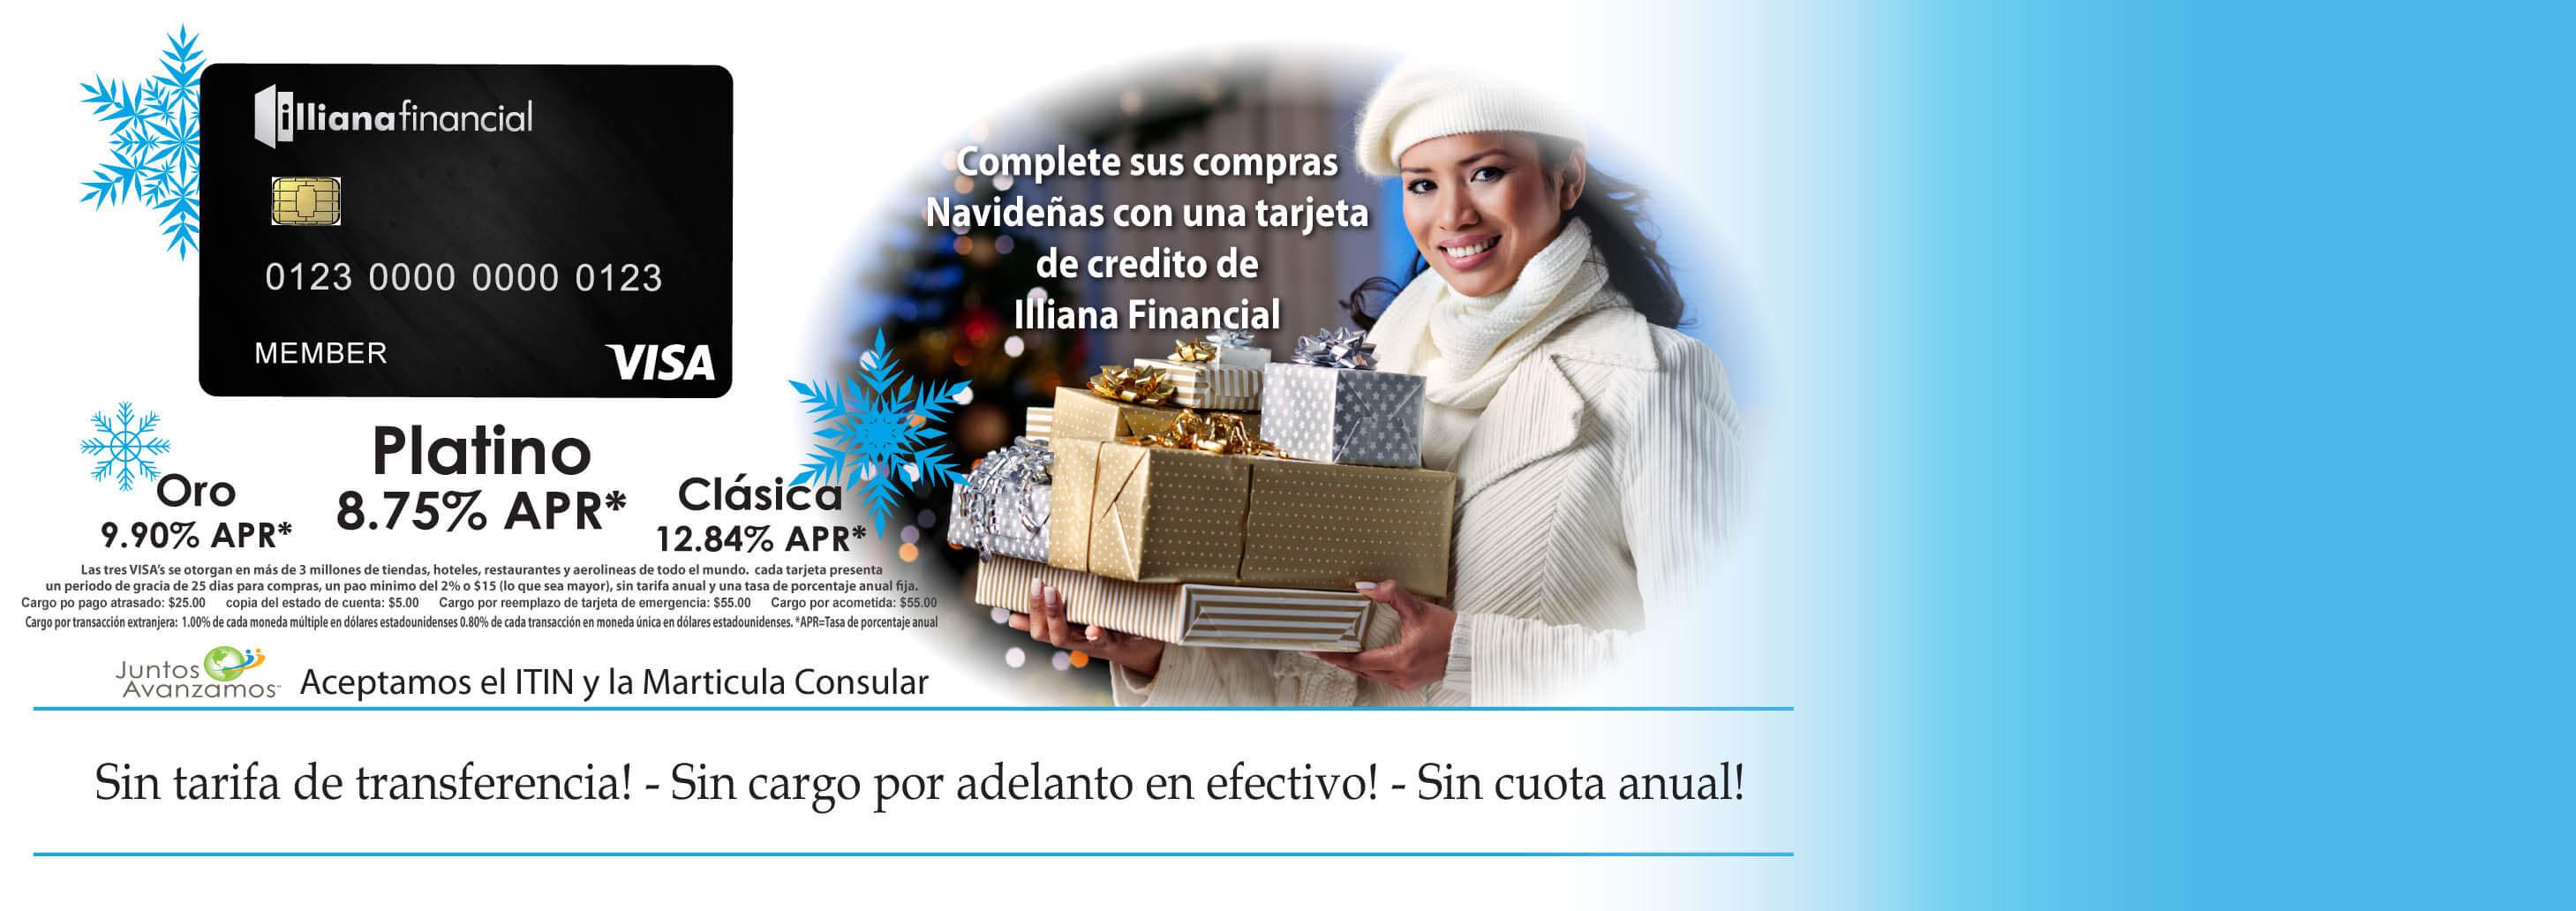 Complete sus compras Navidenas con una tarjeta de credito de Illiana Financail